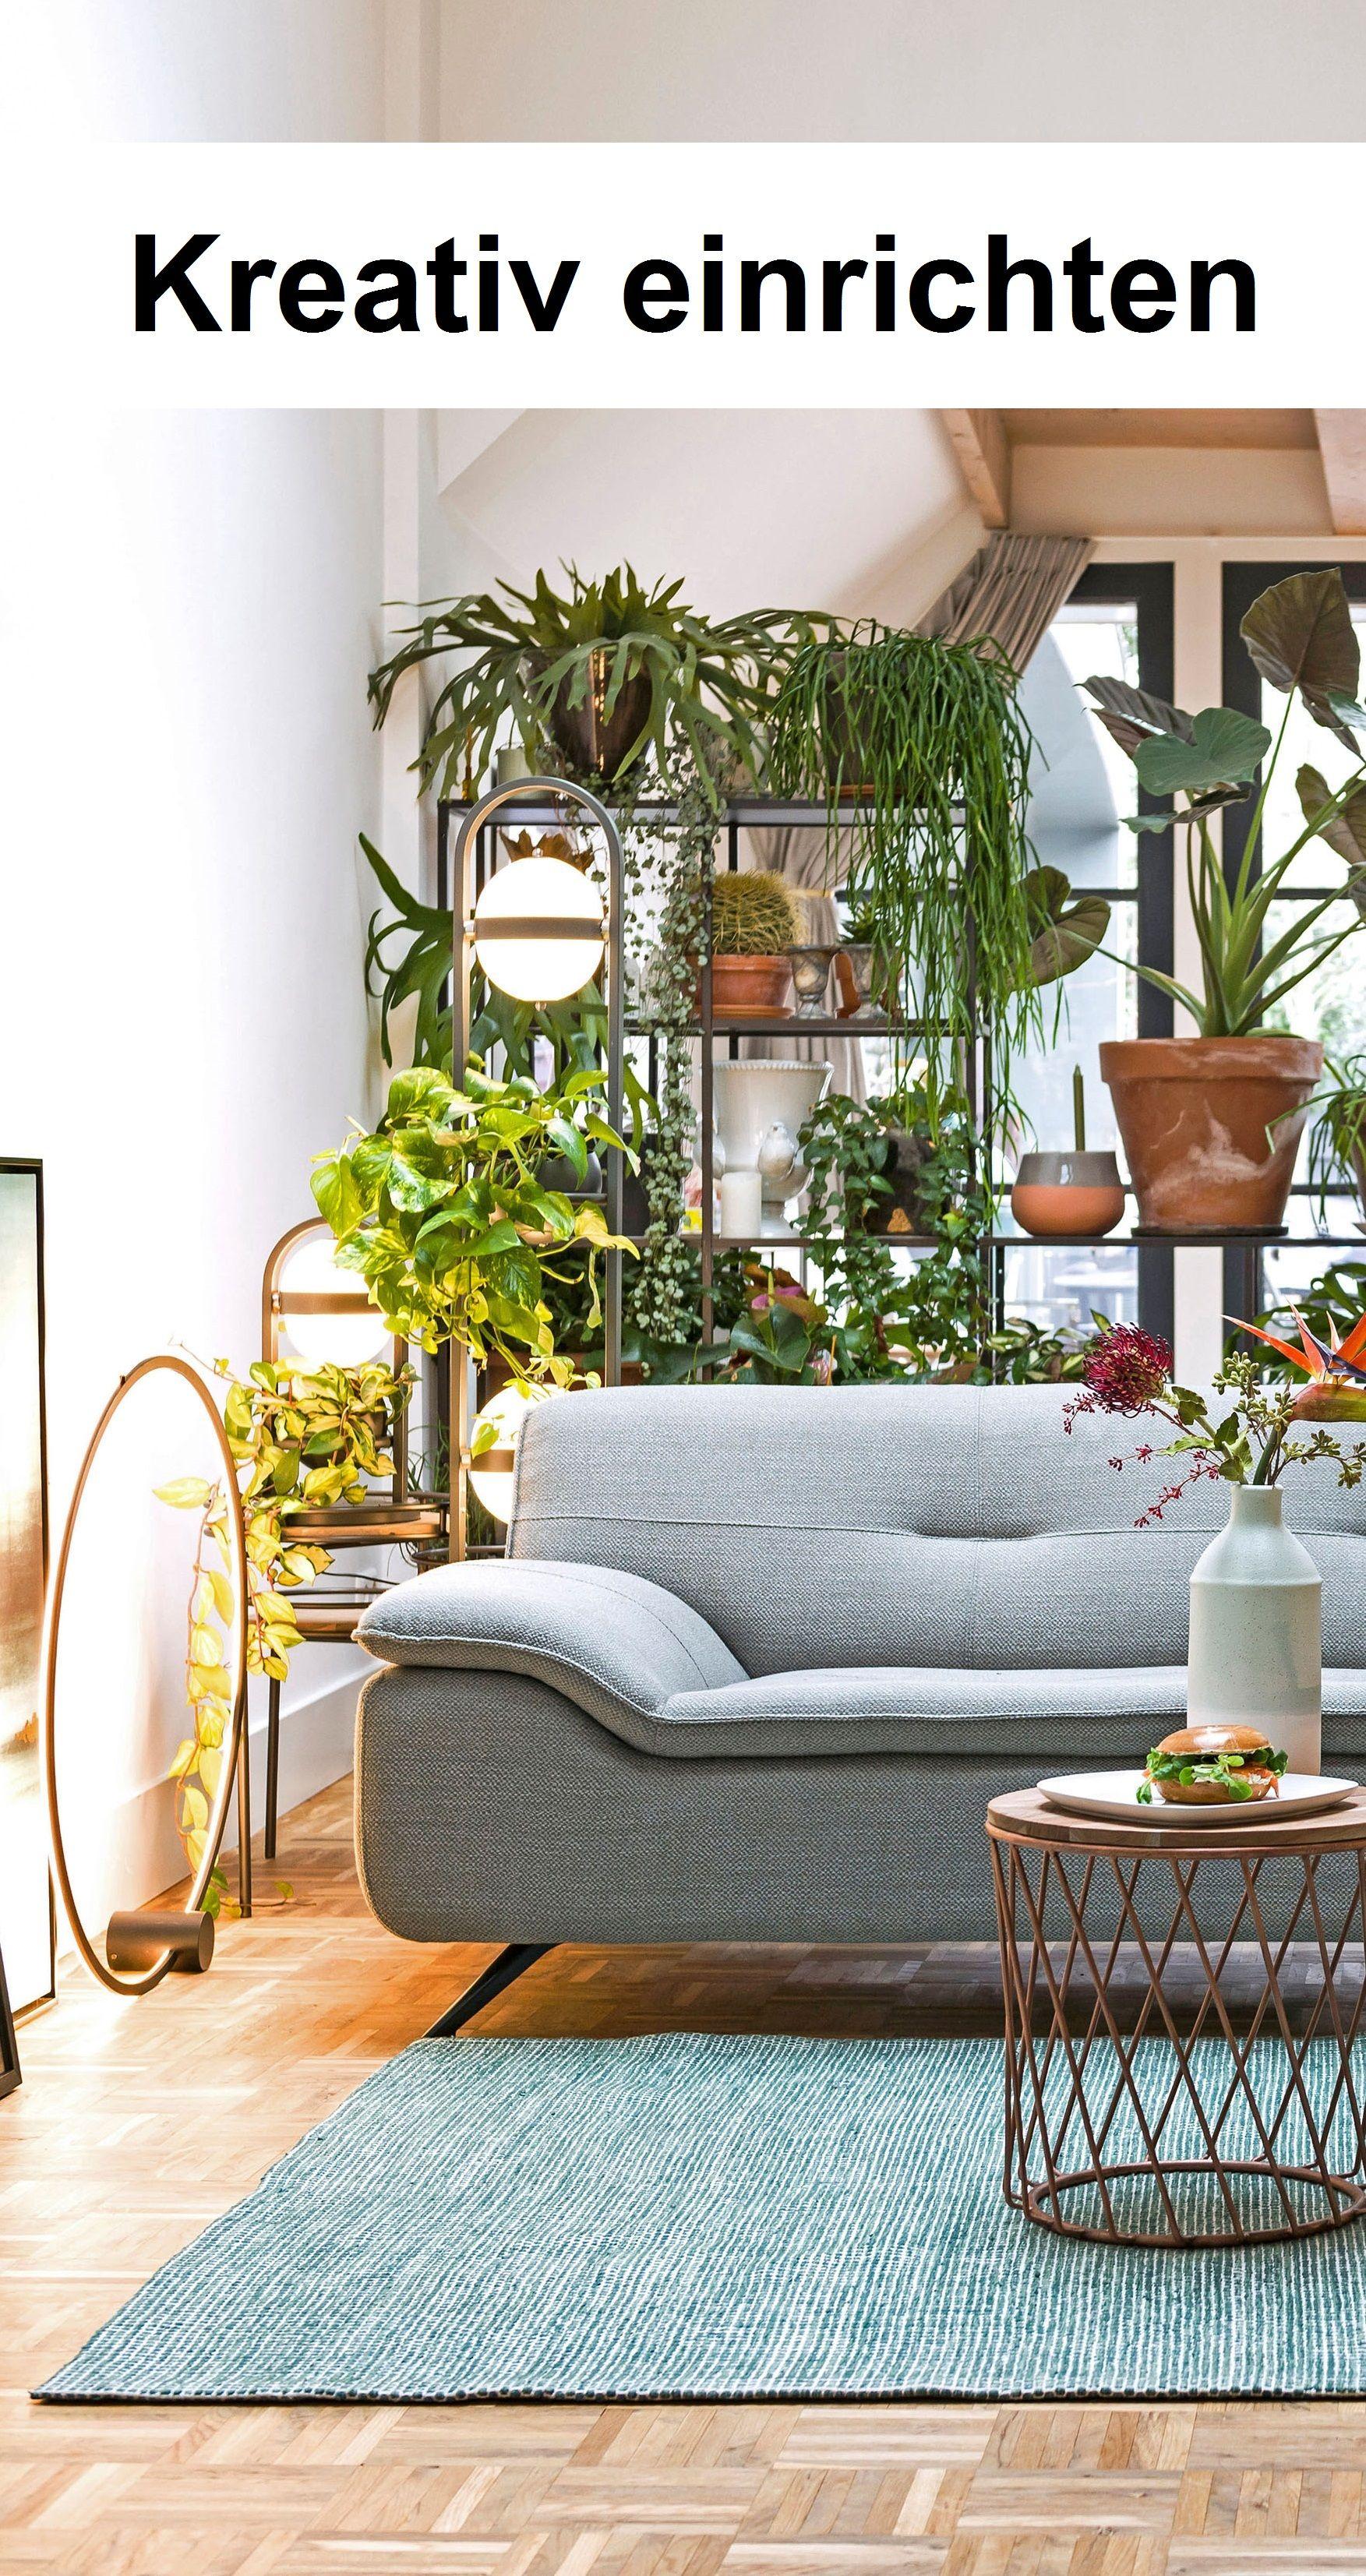 5 Tipps Wohnzimmer kreativ einrichten in 2020 Haus deko